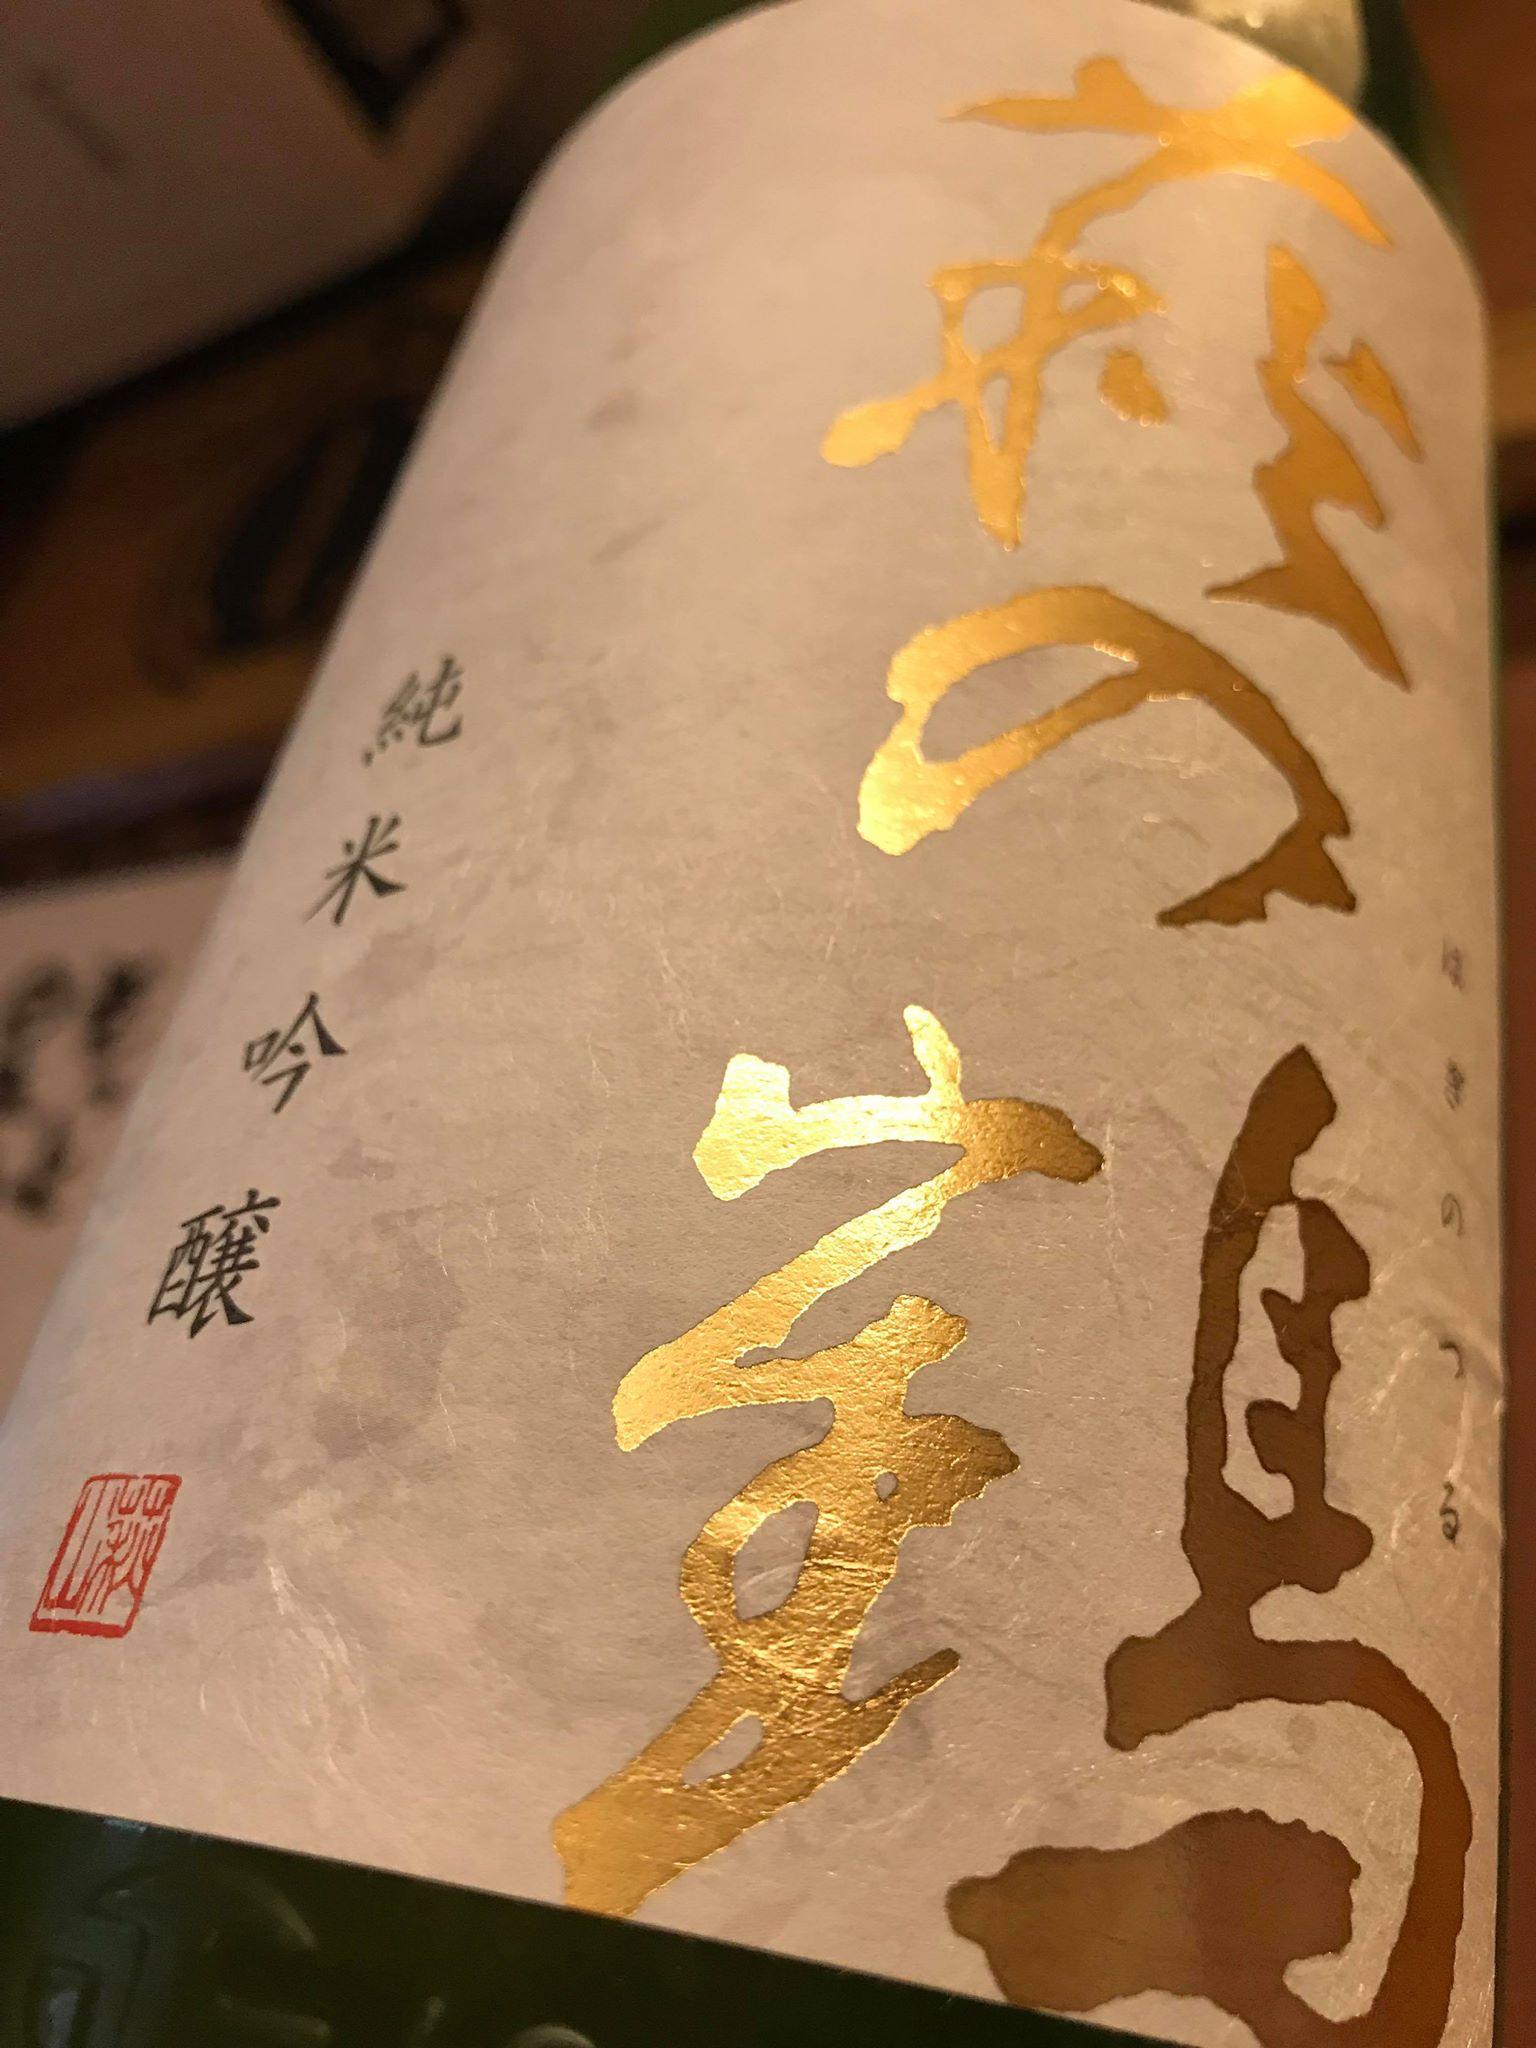 【日本酒】日輪田 山廃純米酒 夏のひまわりラベル 限定 29BY_e0173738_2147020.jpg